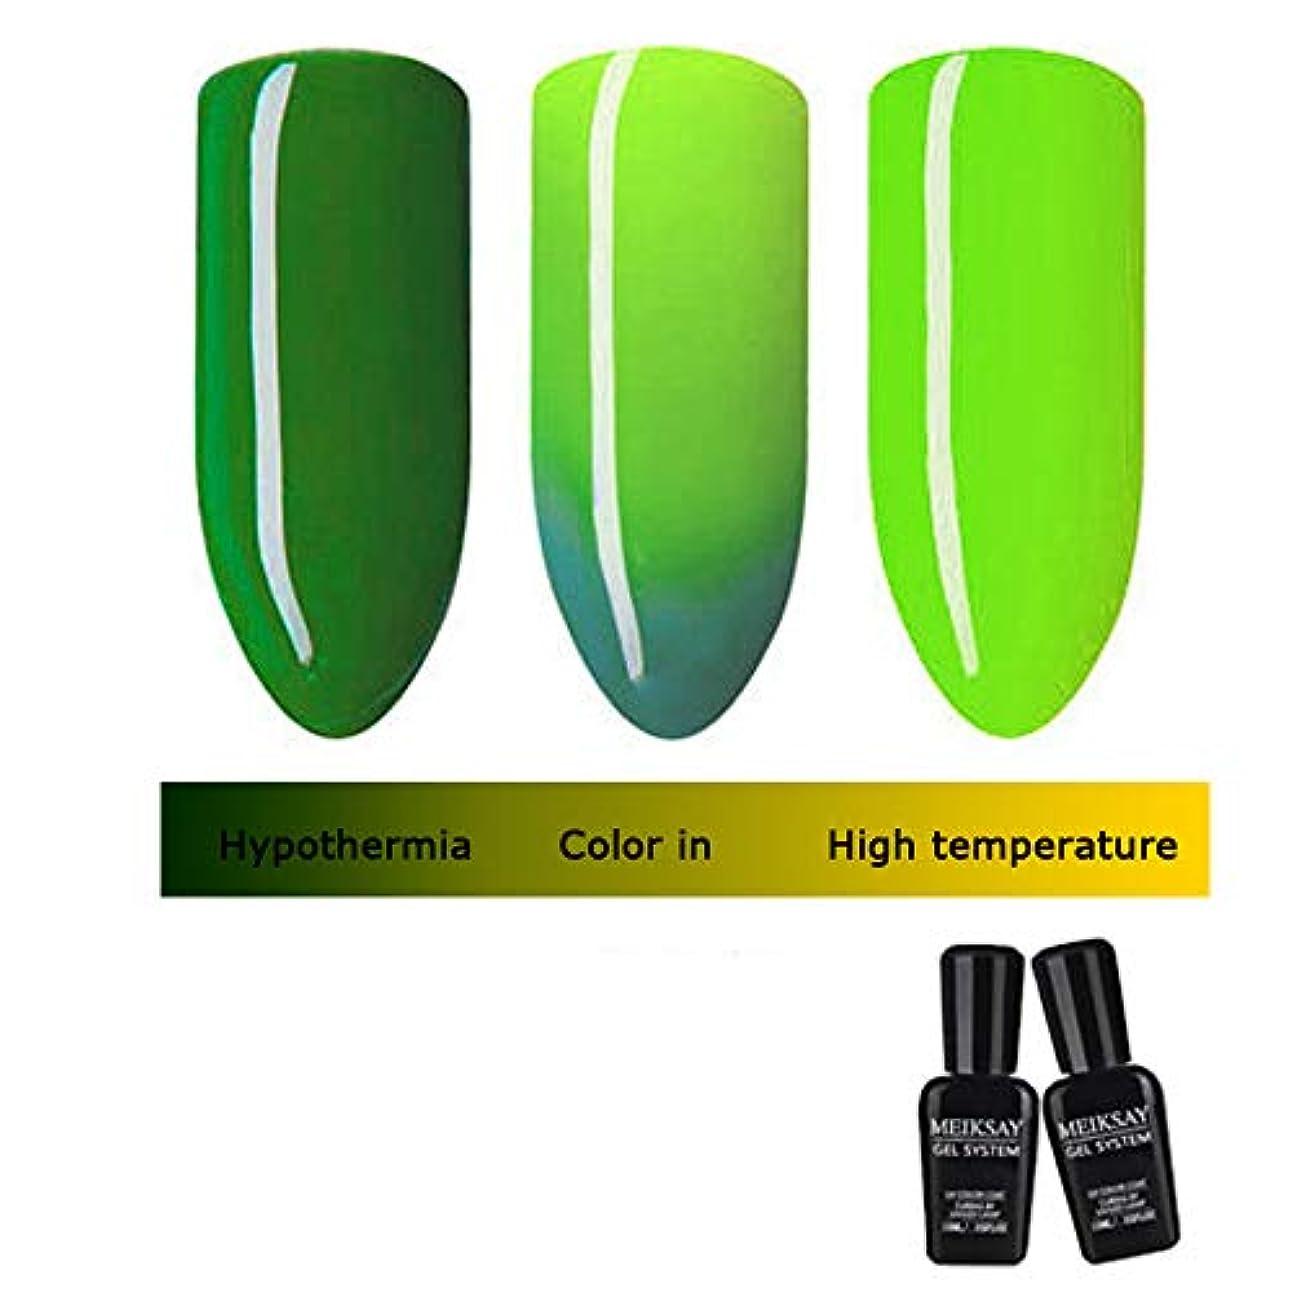 Lazayyii マニキュア サーモクロミック光線療法のり 熱温度変化色 ネイルラッカーUV LEDポリッシュゲル (B)